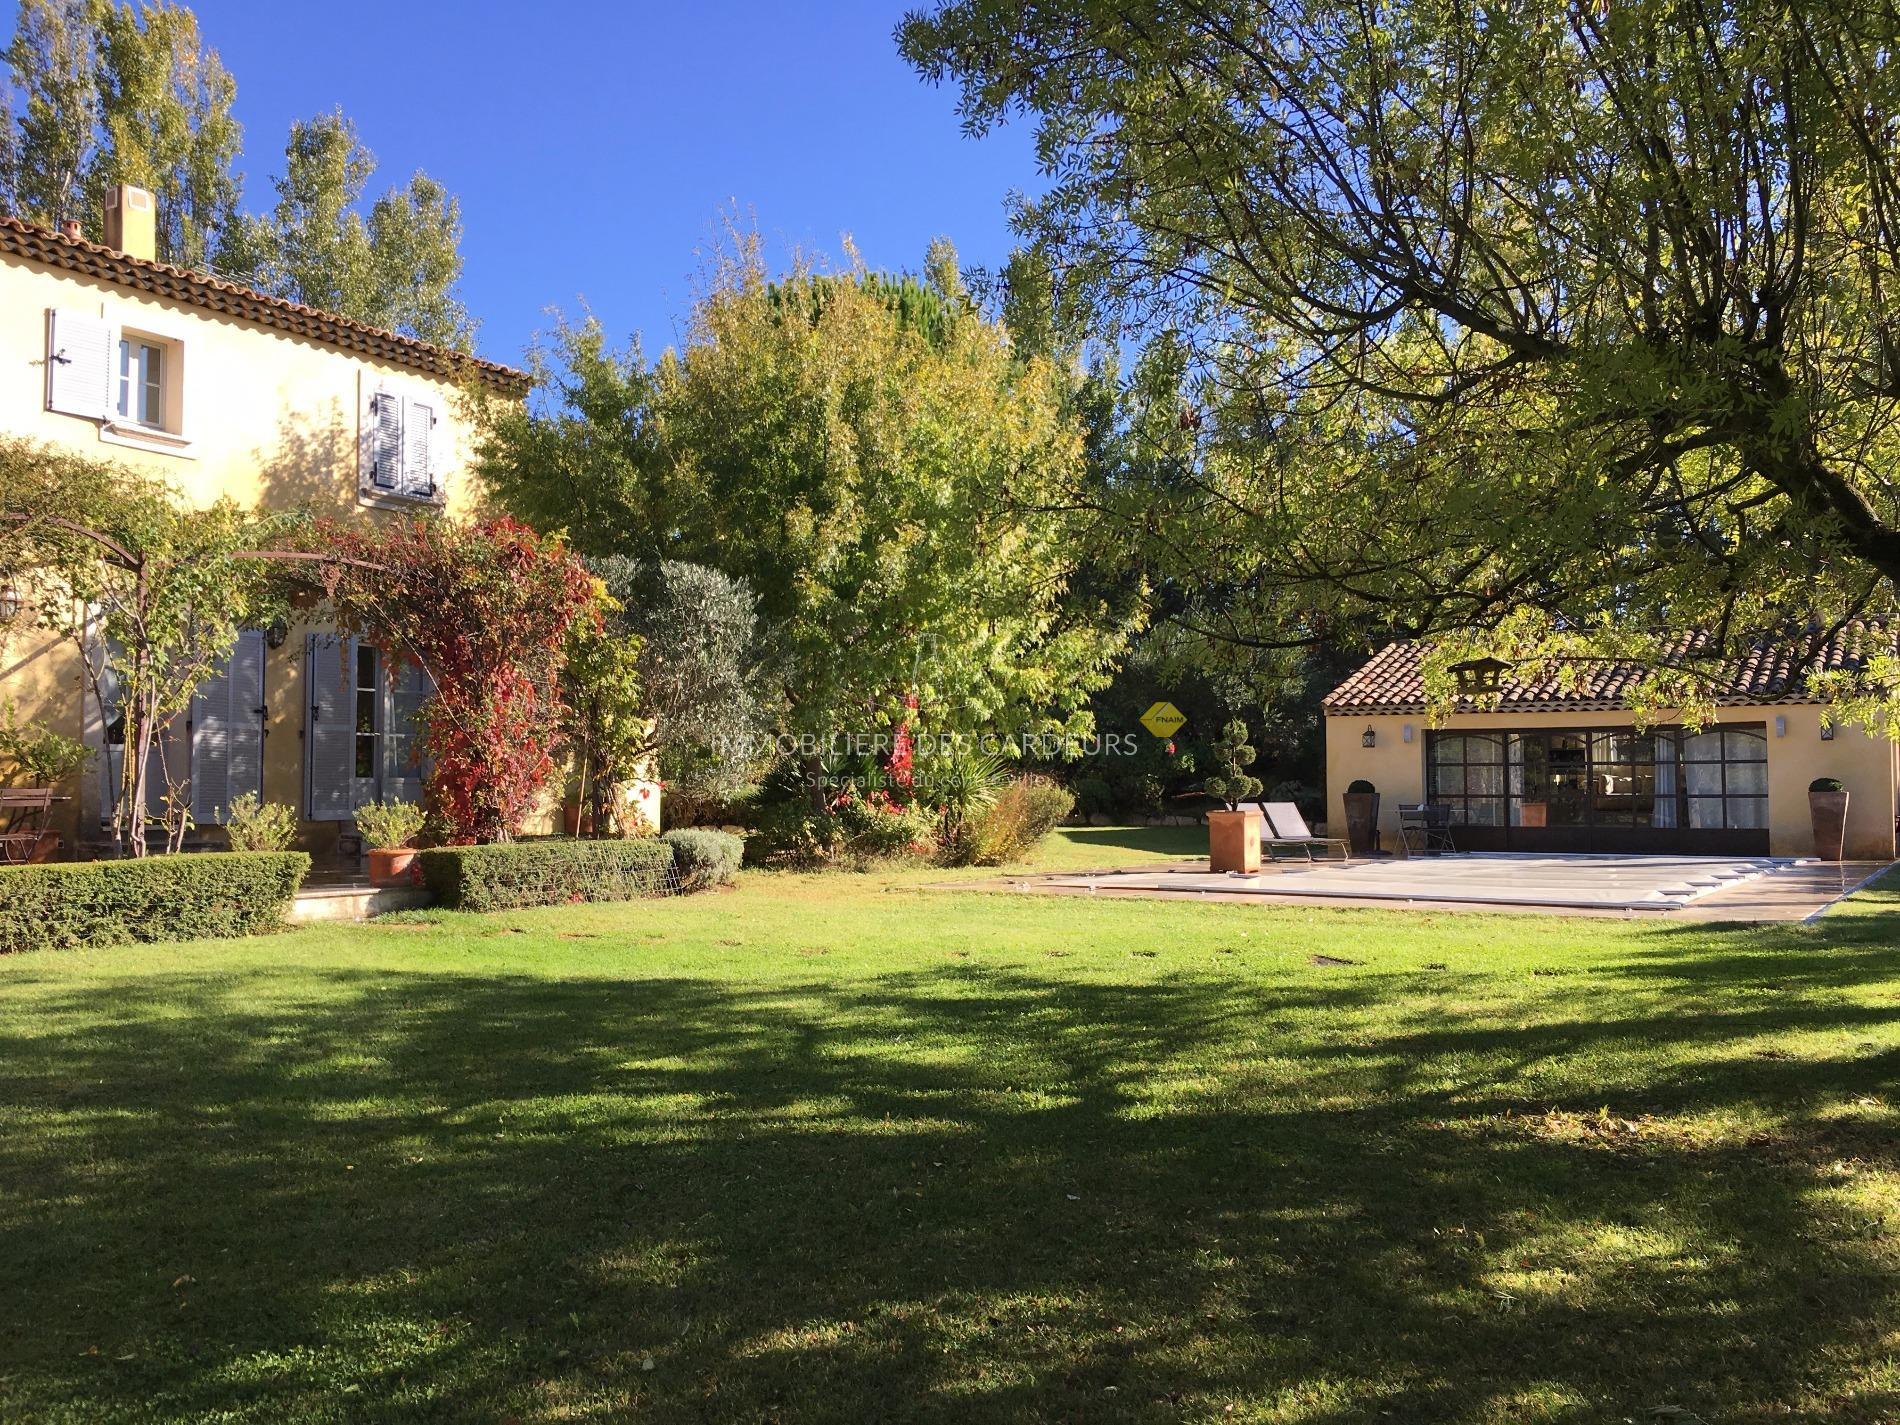 Vente maison et villa avec piscine jardin aix en for Camping aix en provence avec piscine